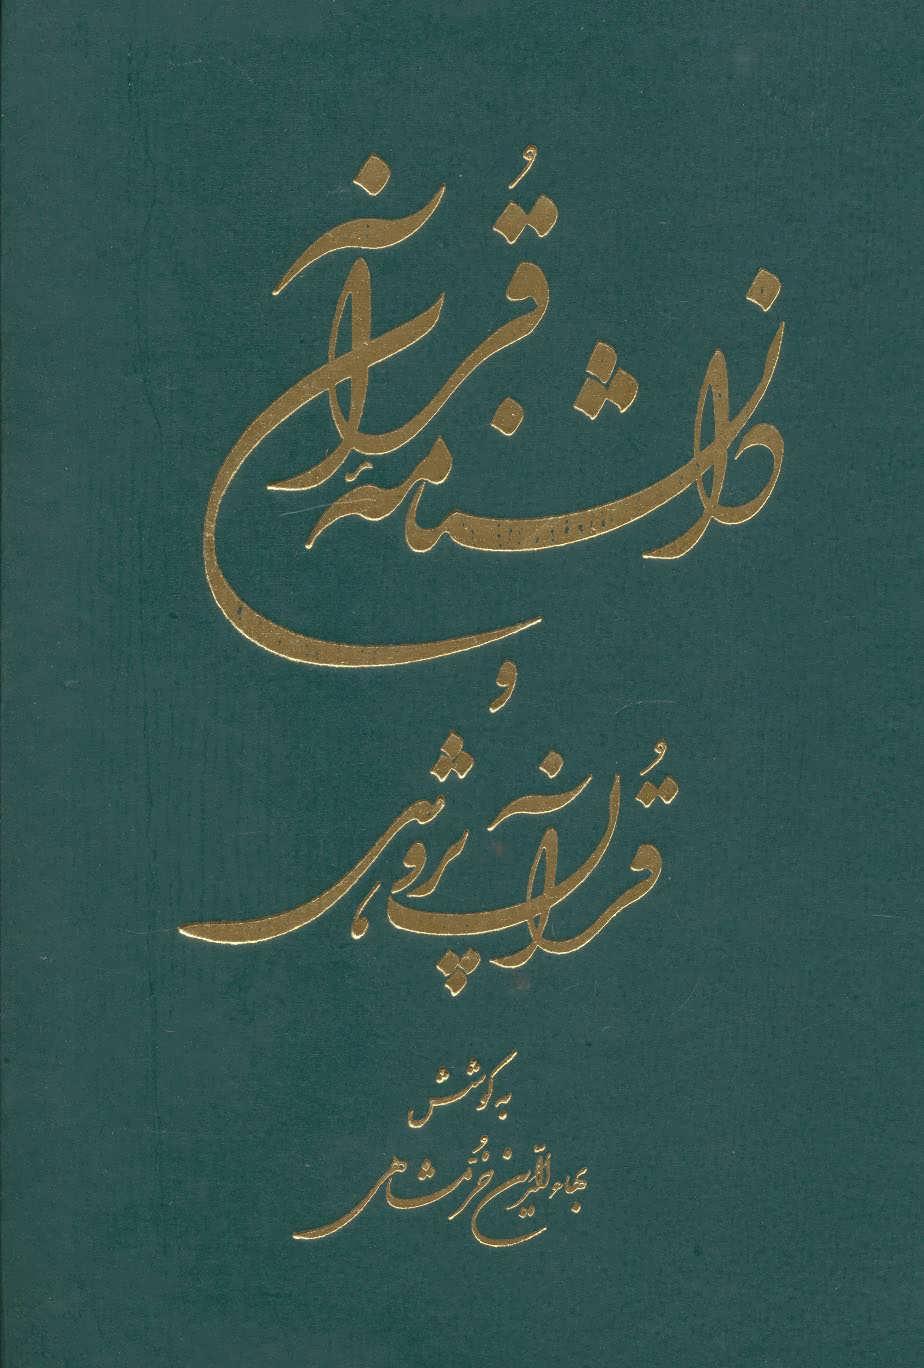 کتاب دانشنامه قرآن و قرآن پژوهی خرمشاهی (۲جلدی)